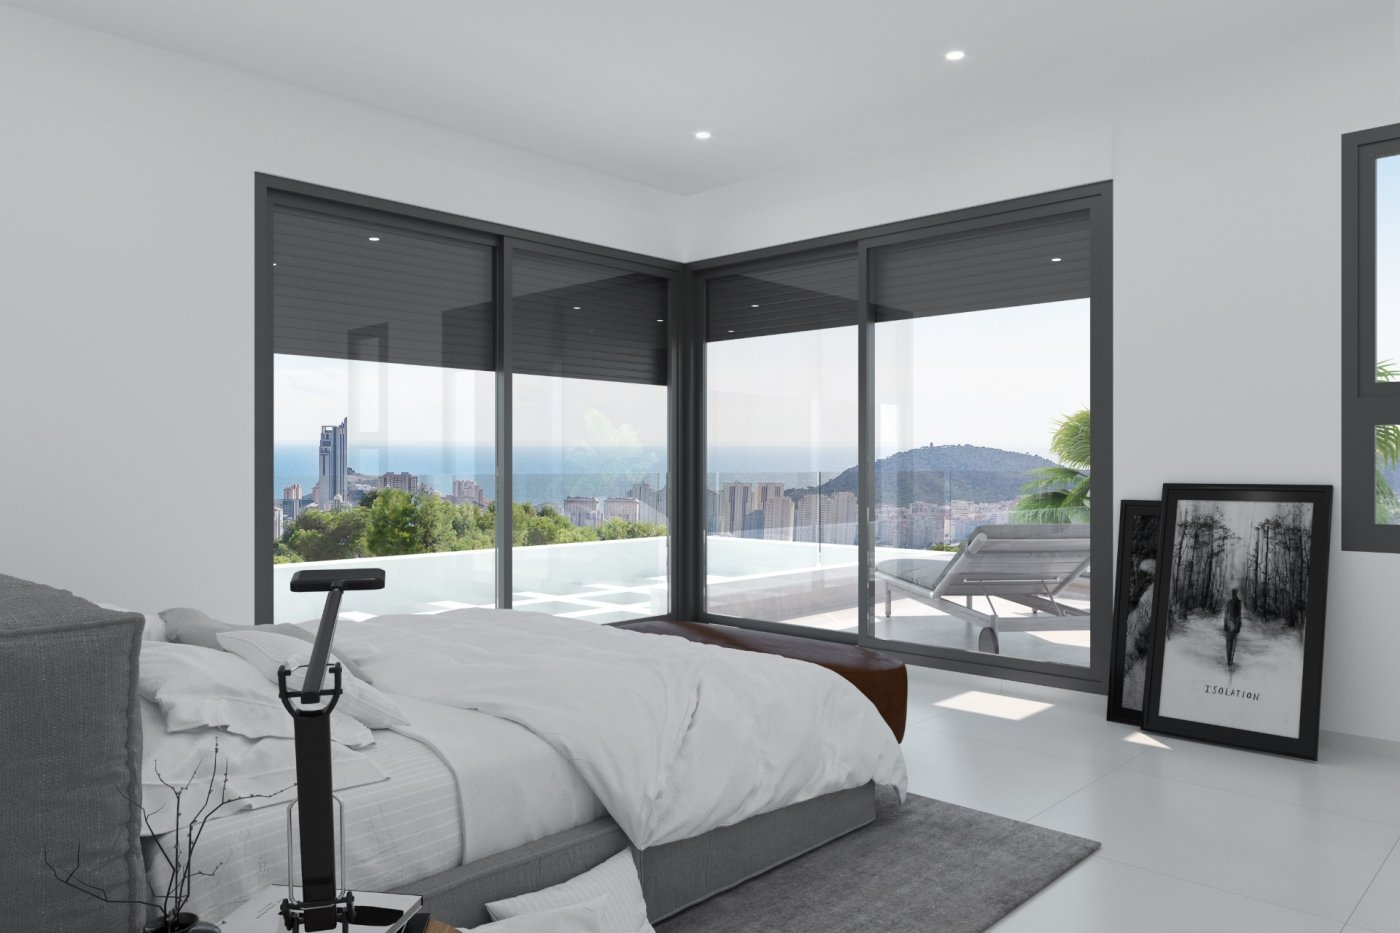 Villas modernas en sierra cortina (finestrat) a un paso de benidorm - imagenInmueble9